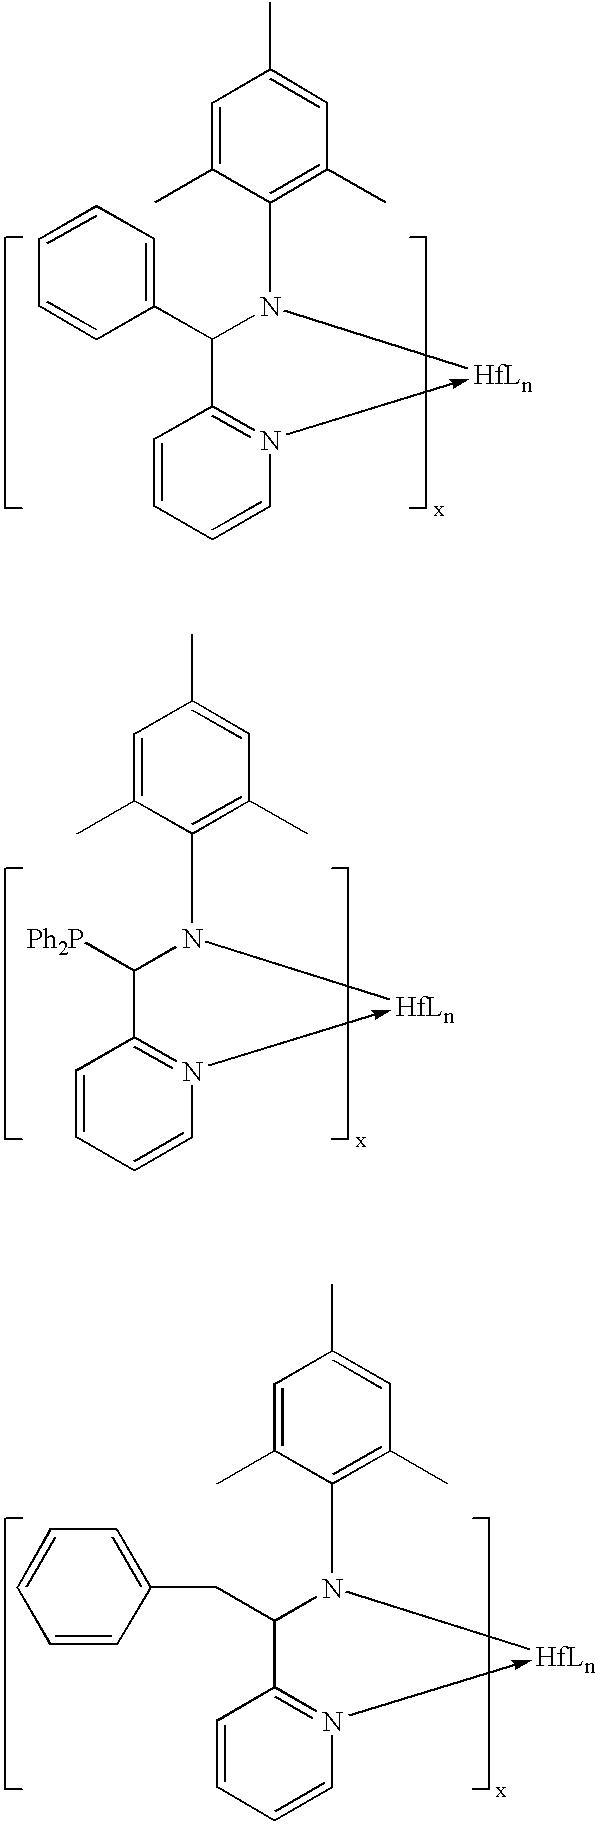 Figure US20030195300A1-20031016-C00017